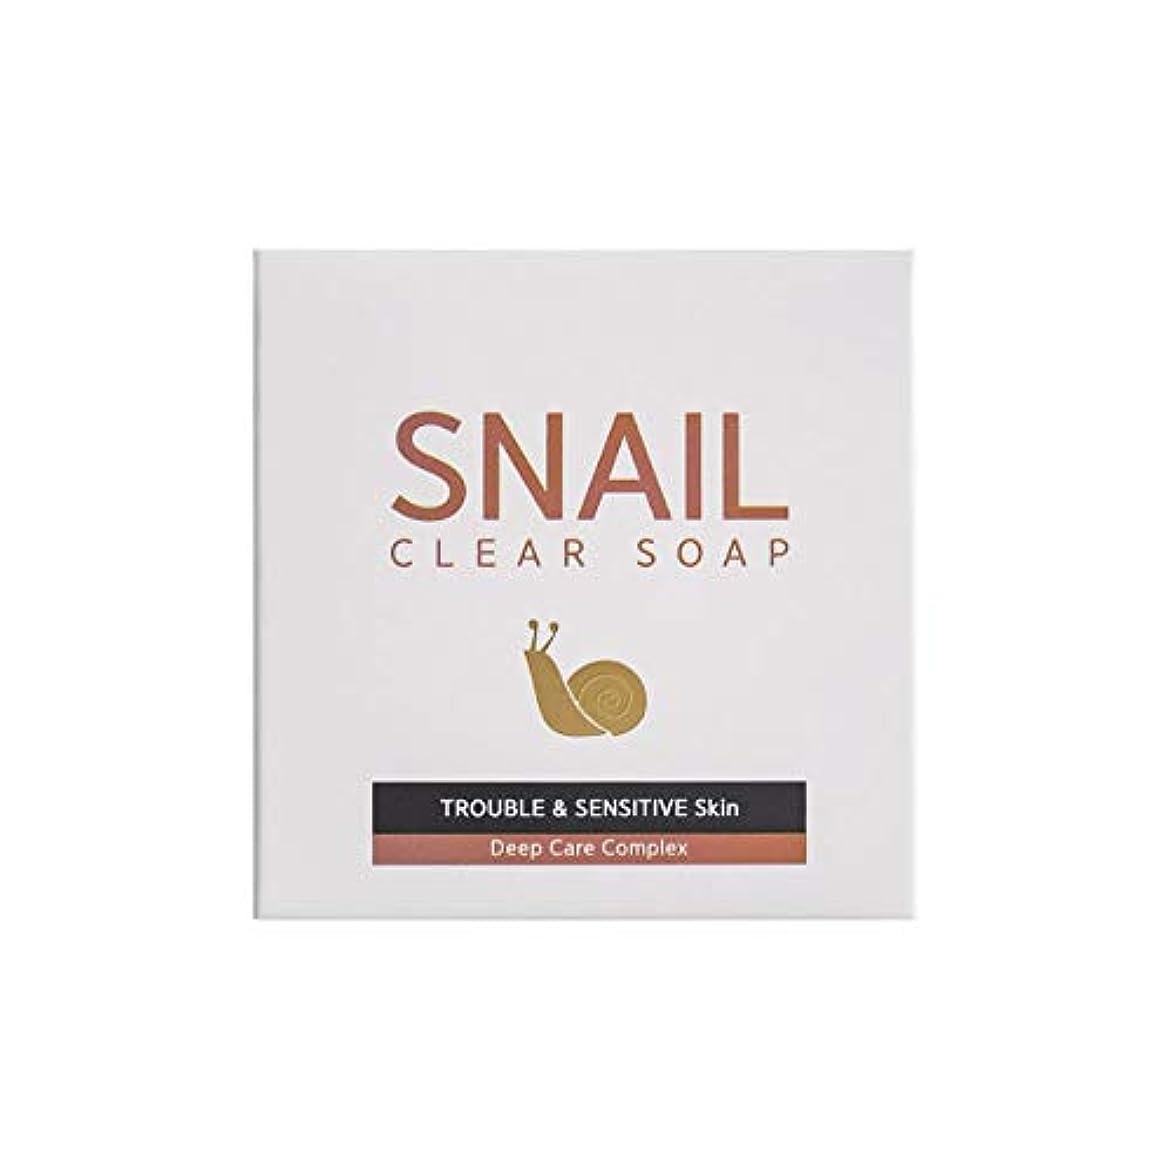 本部思慮深い払い戻し[RNT International] YUNE25 Snail Clear Soap クリア ソープ 固形 せっけん [並行輸入品]